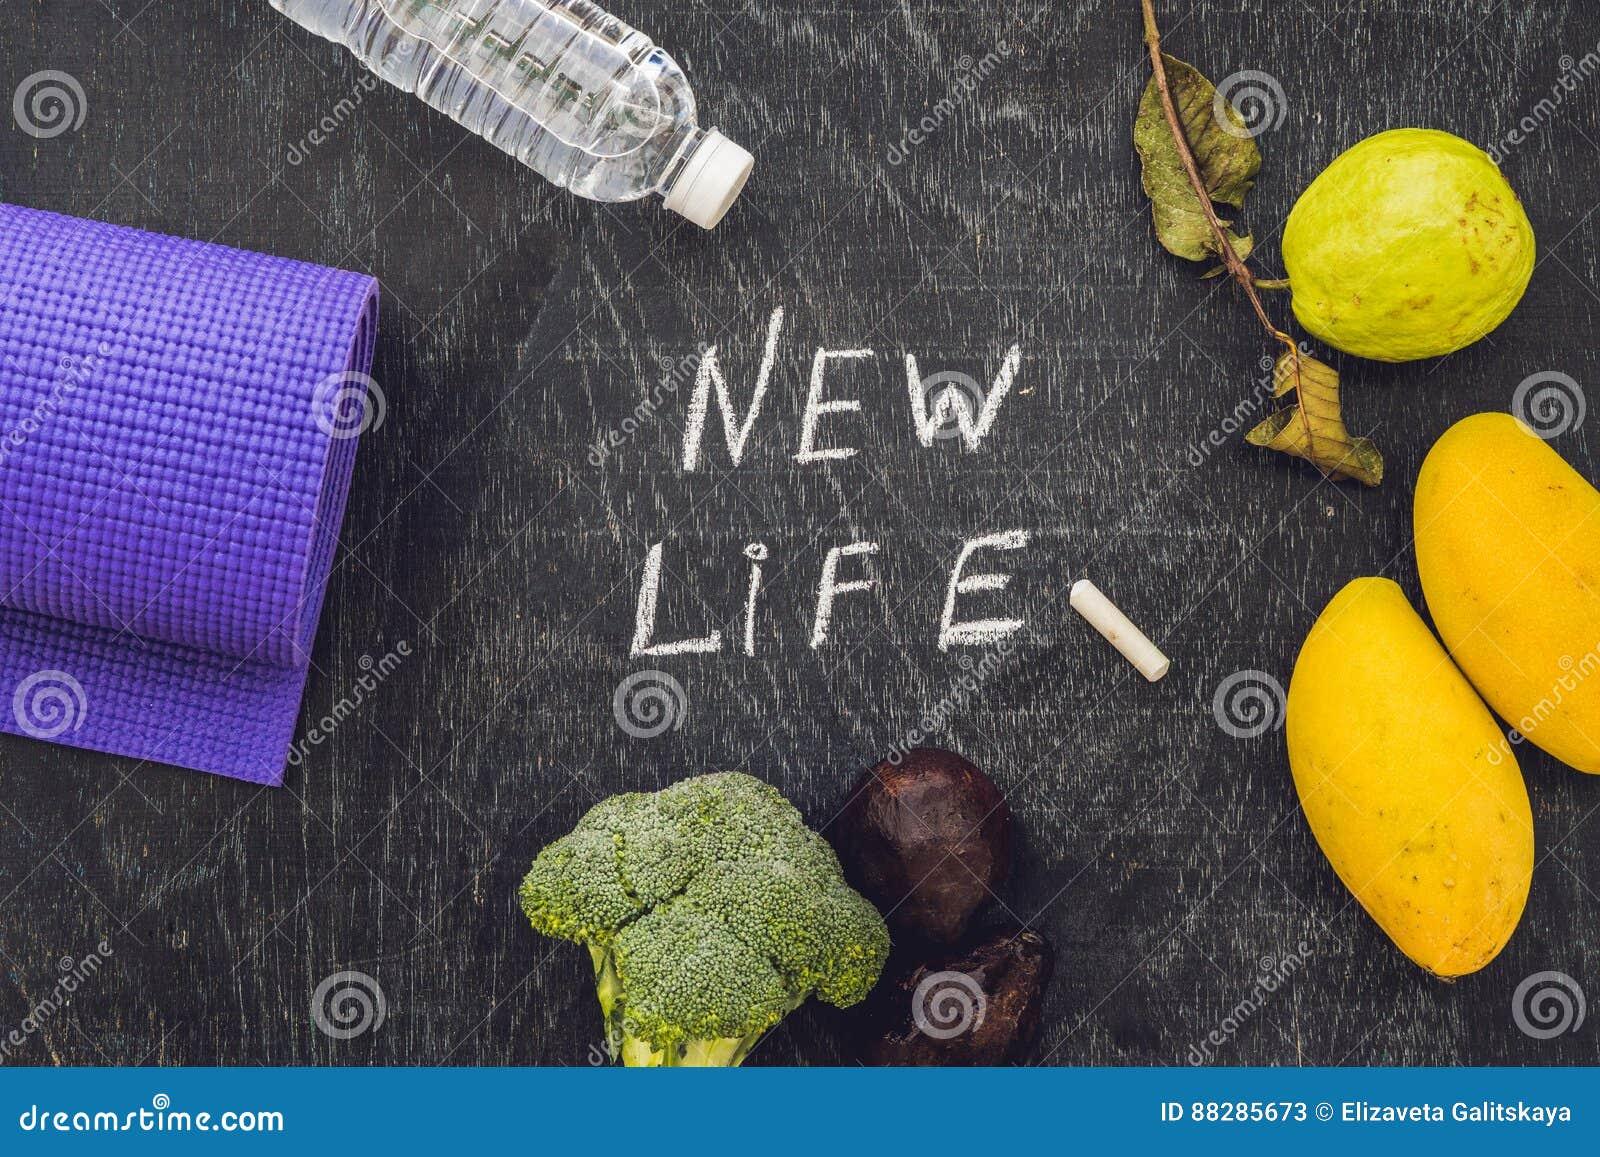 Nowy życie napisze na kredowej desce nowego życia